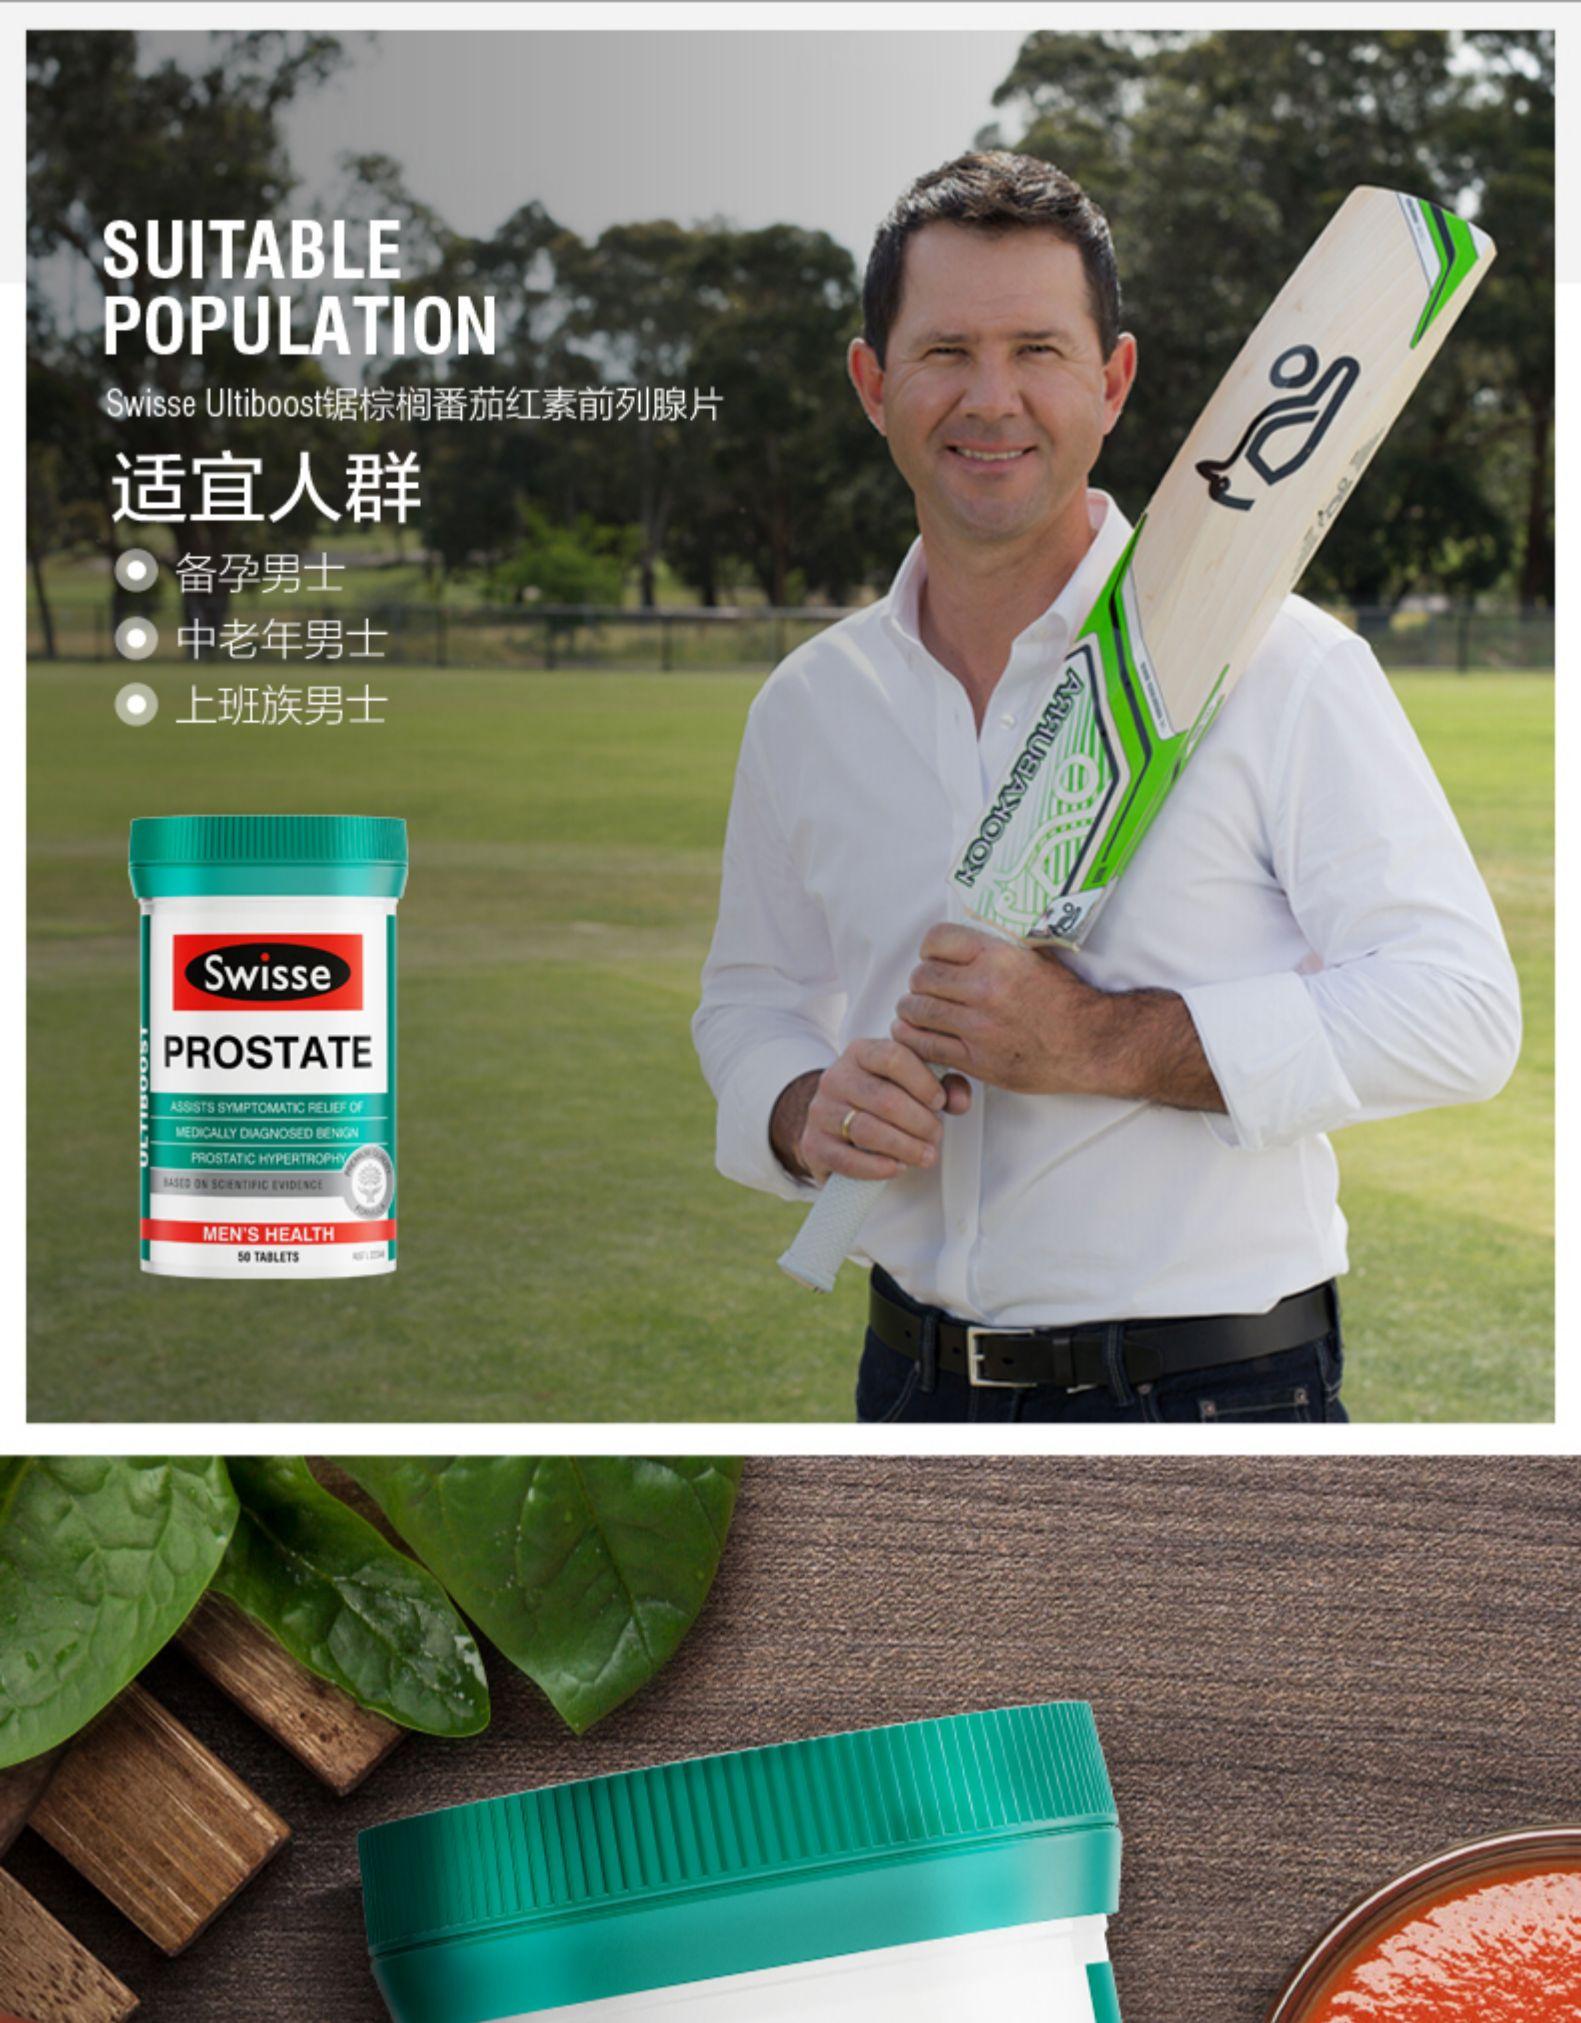 澳洲原装进口swisse番茄红素 男性前列康片健康锯棕榈50粒 我们的产品 第4张